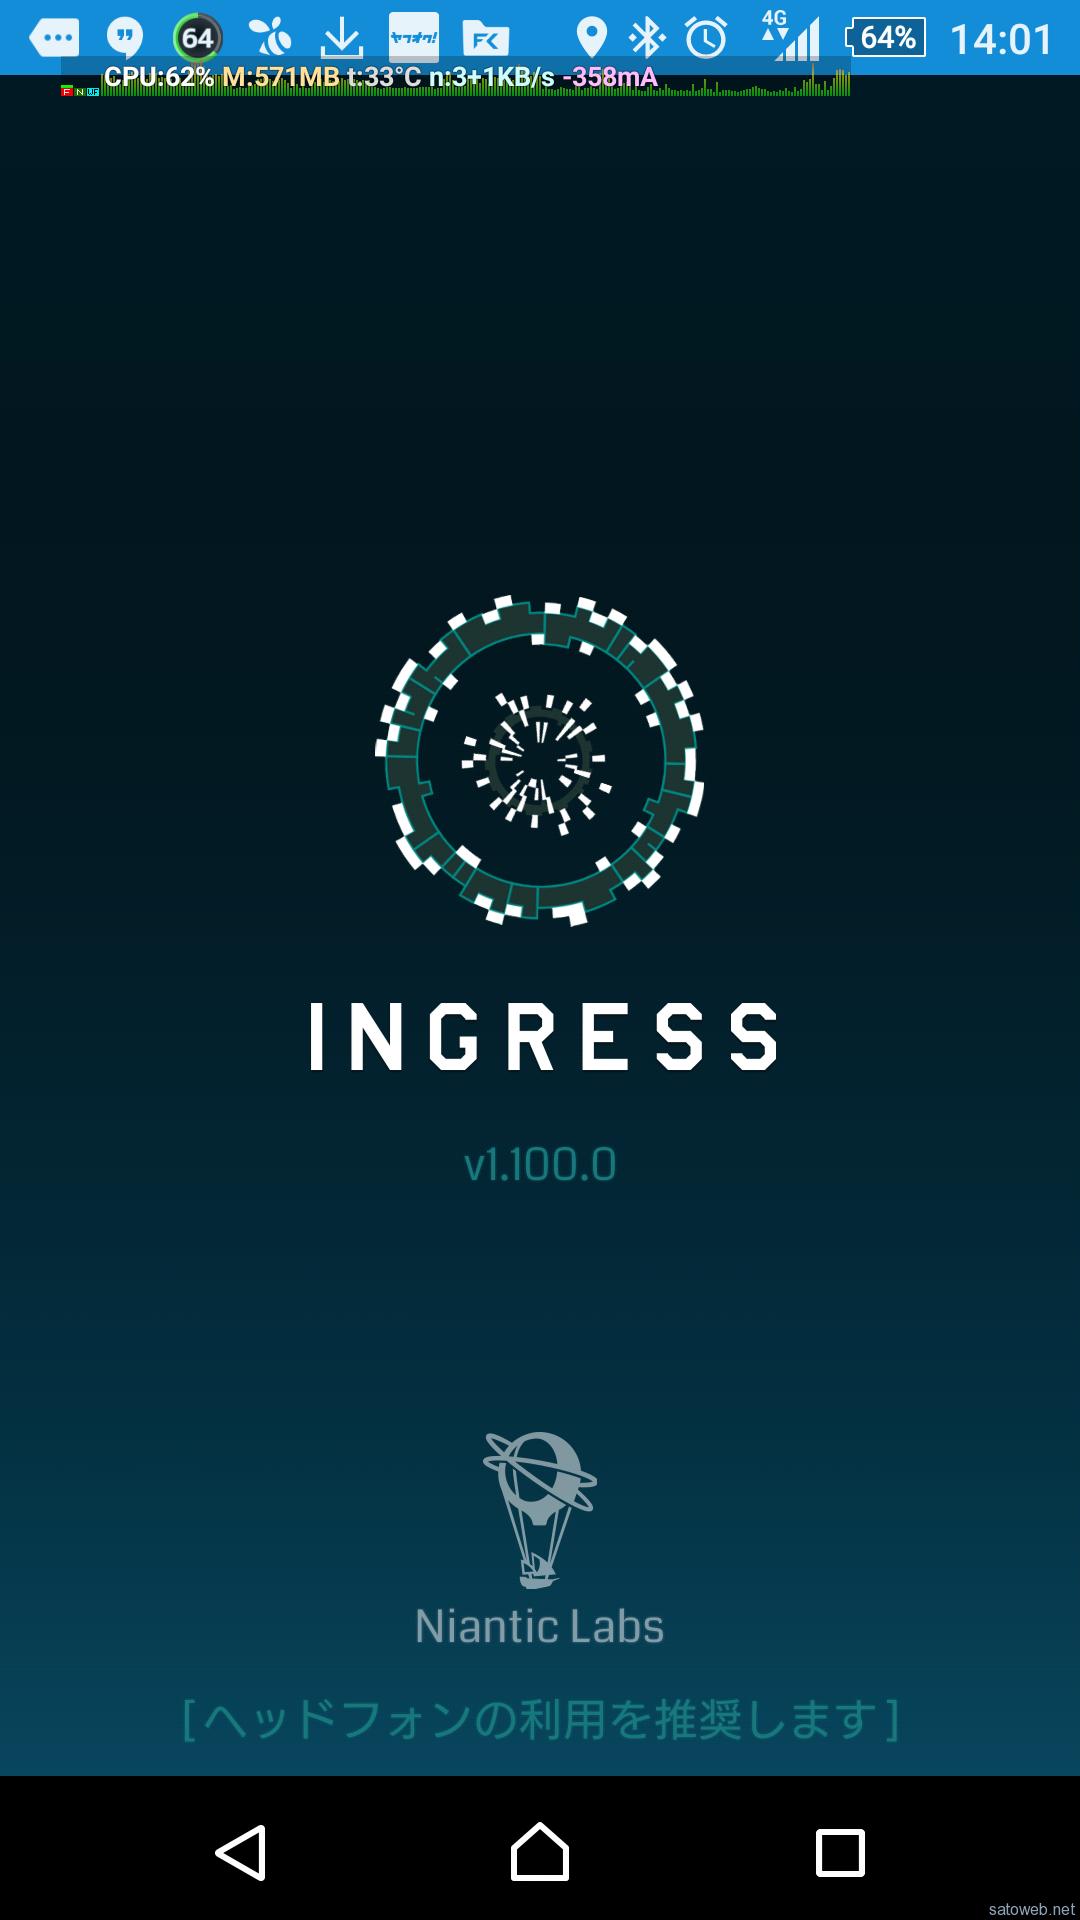 ポータルフラッカー+AEGIS NOVA限定ビーコンセットが登場。  #ingress